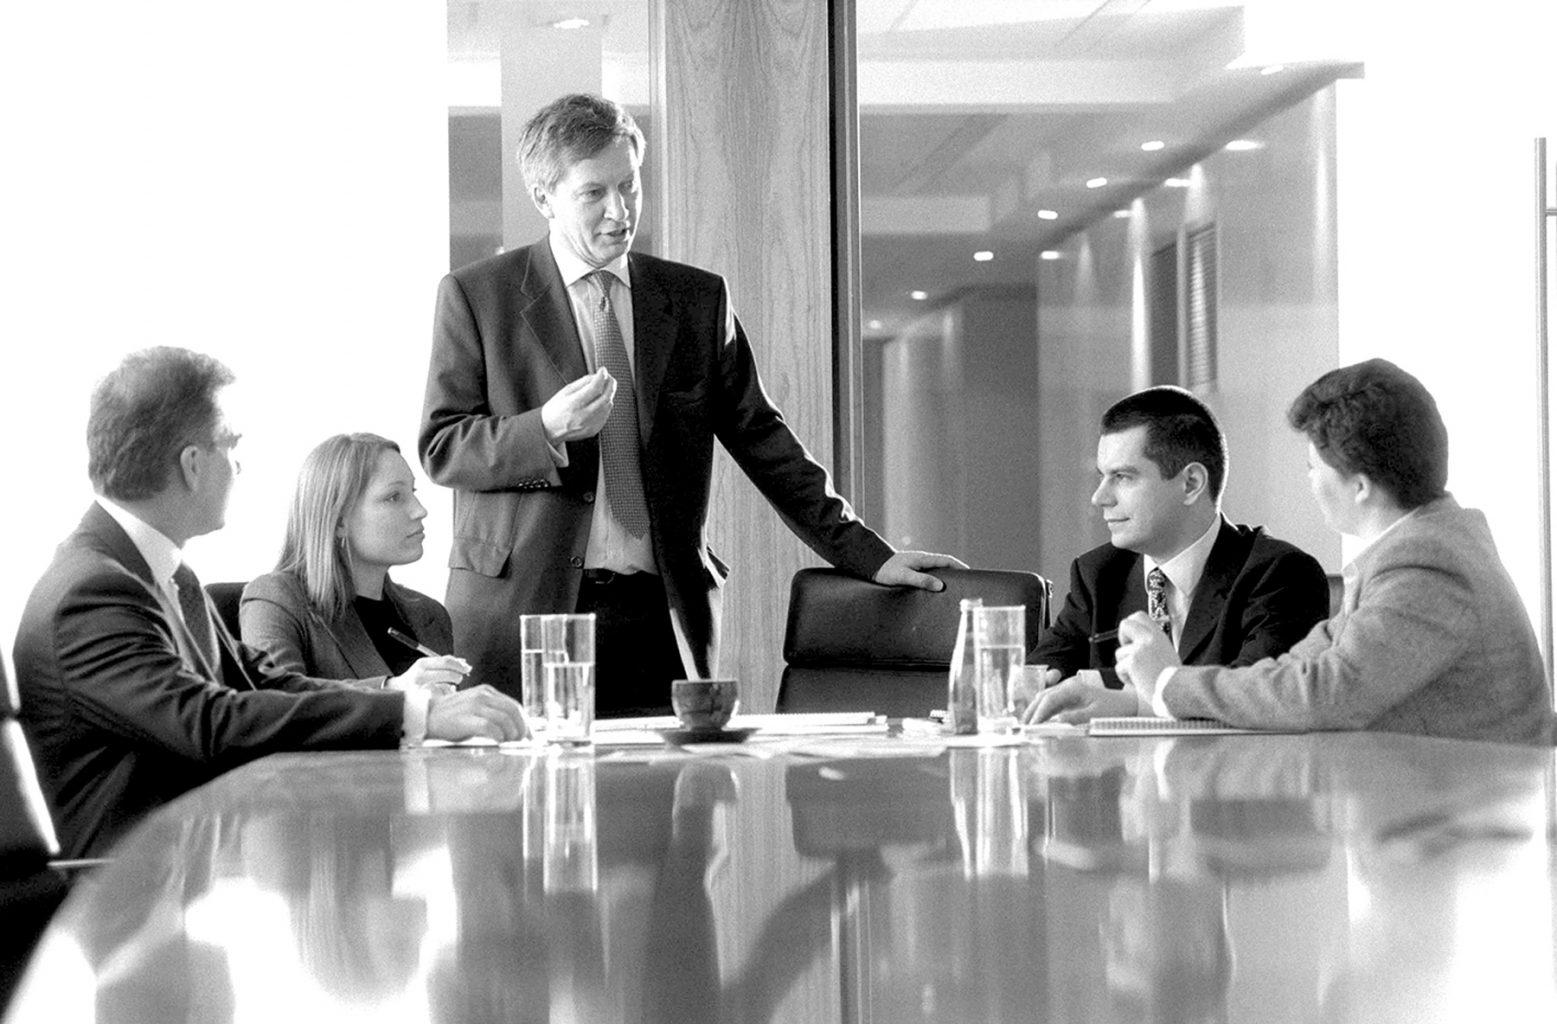 Pantheon Ventures corporate boardroom shot